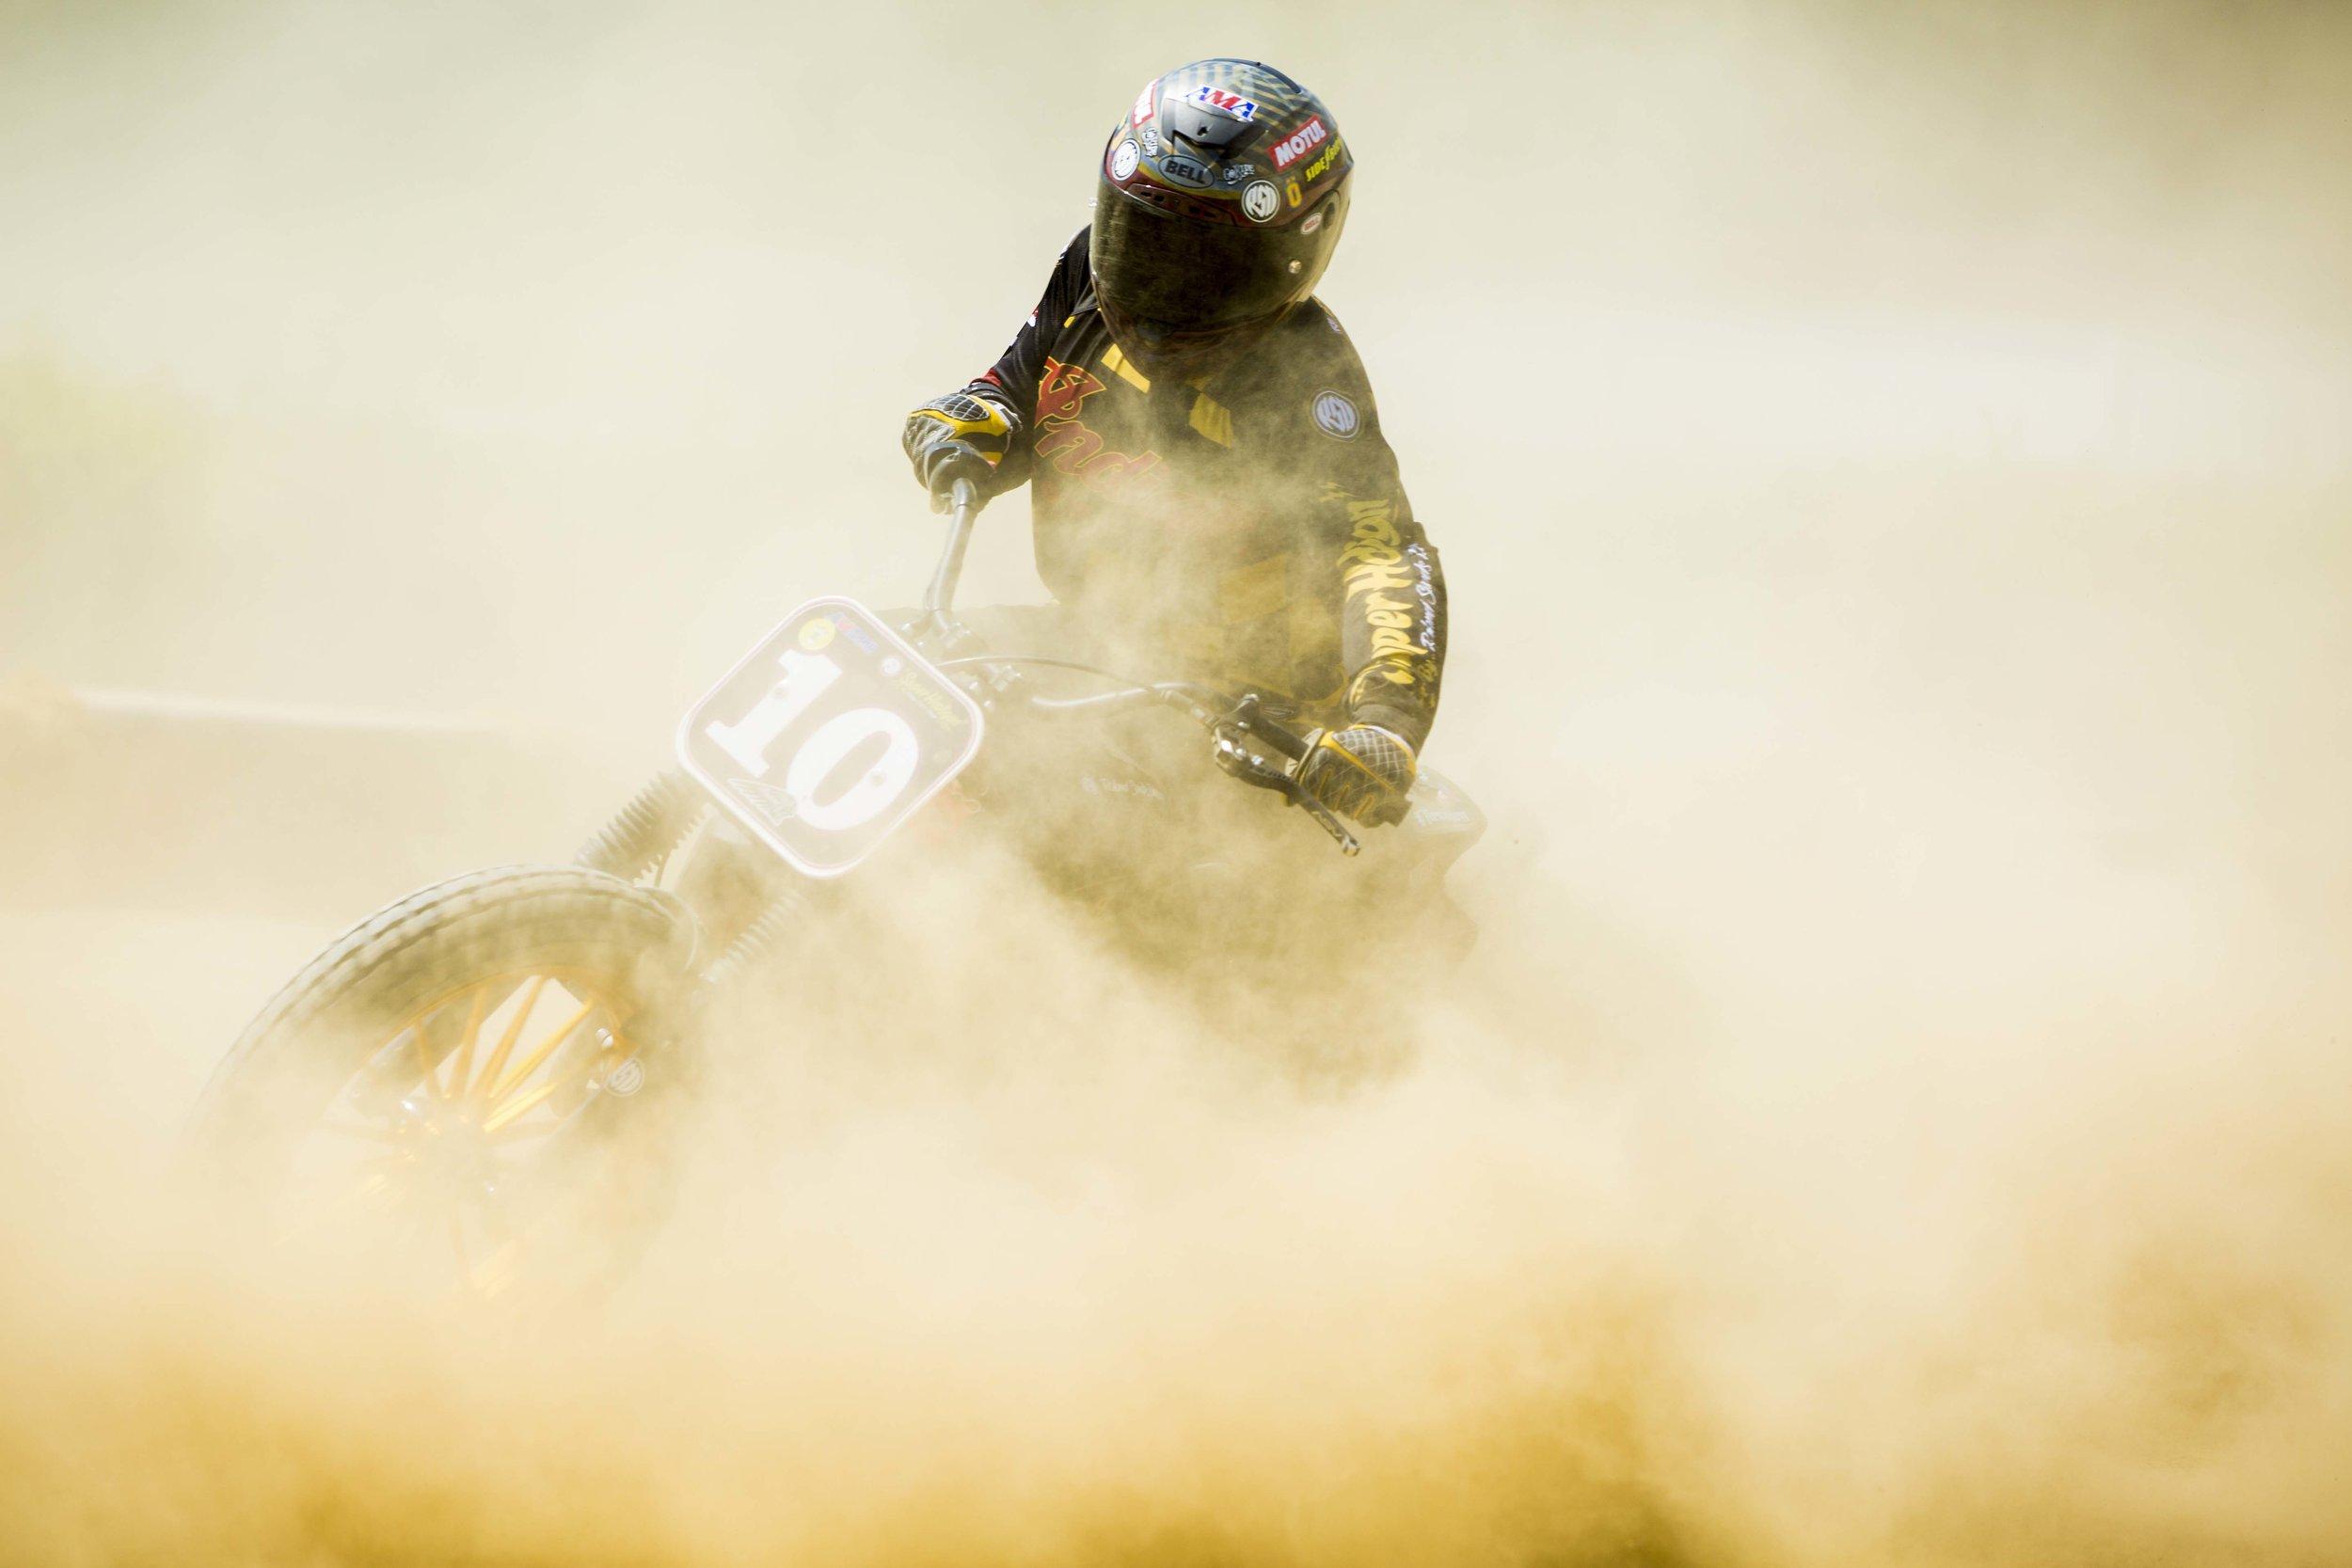 moto heroes